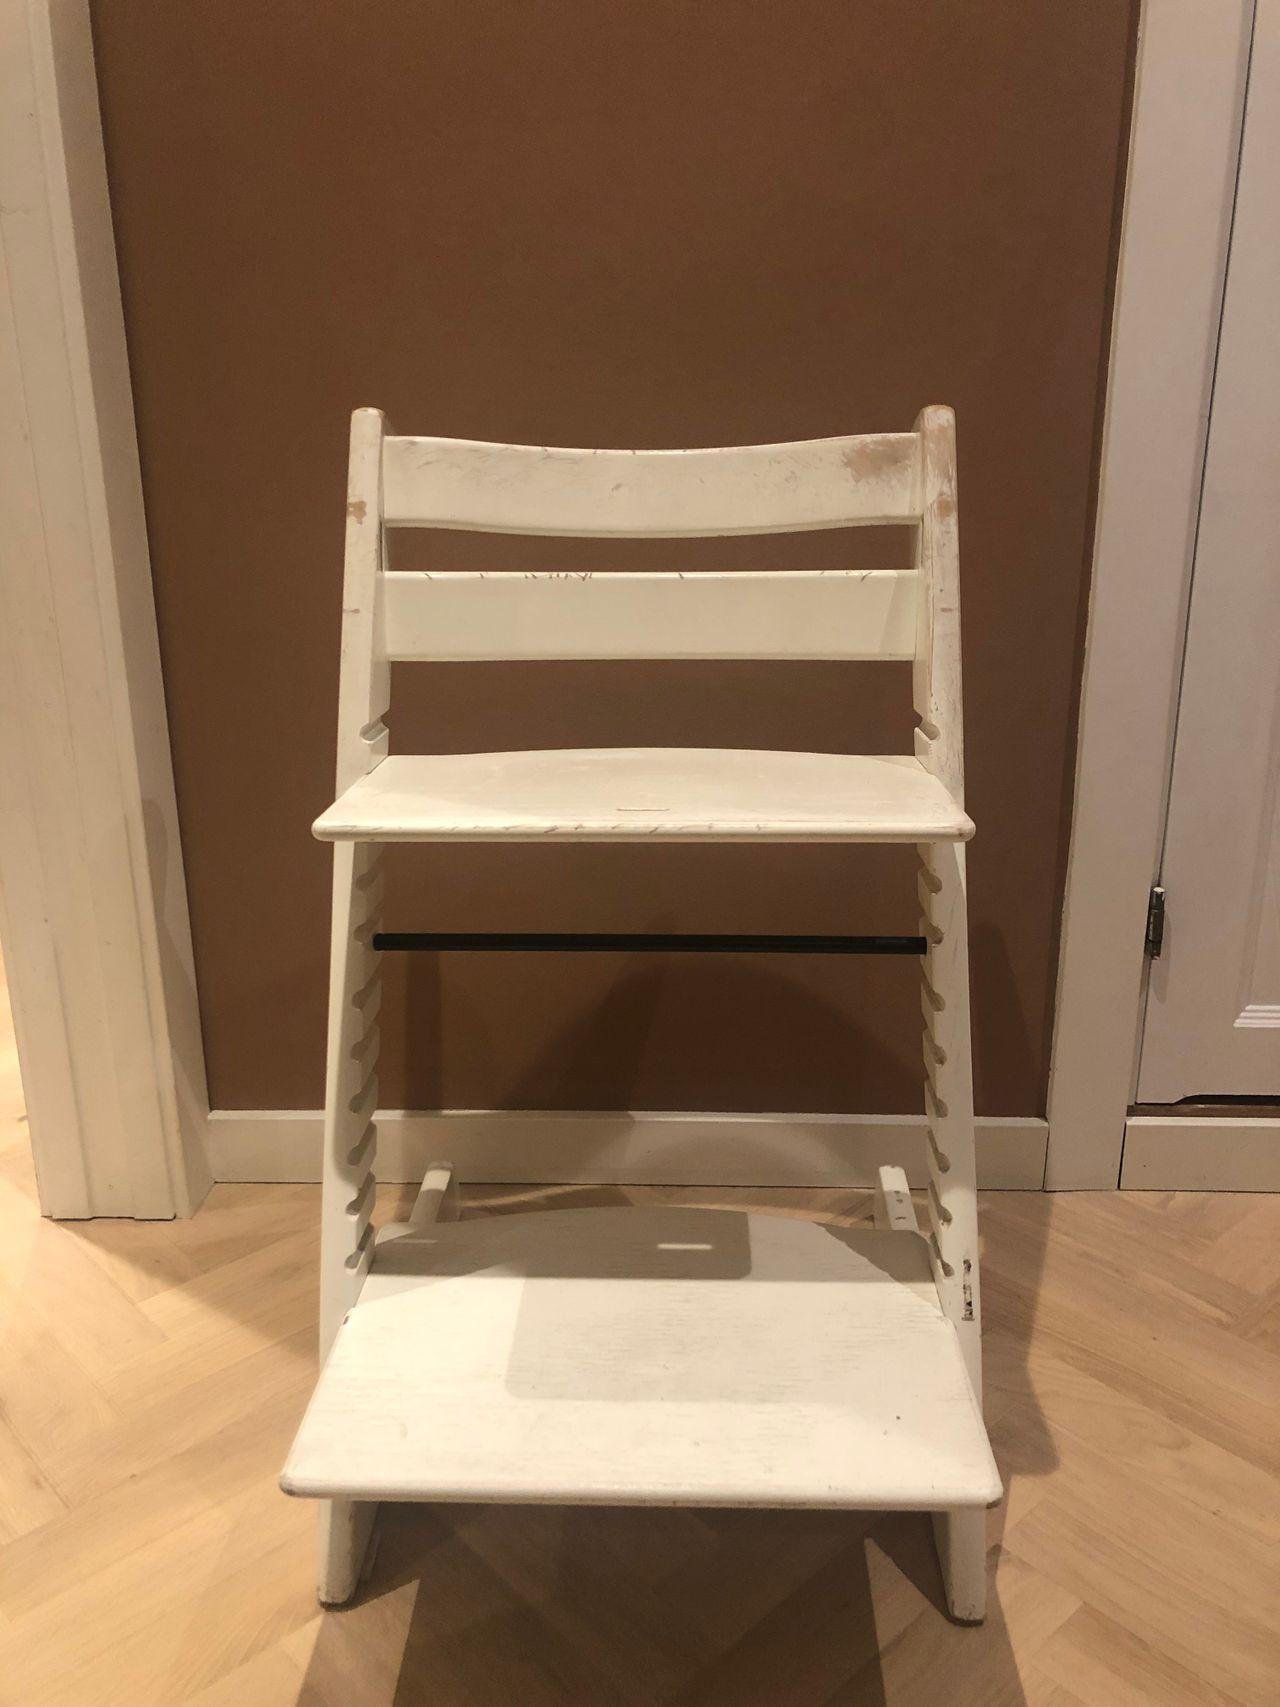 Stokke tripp trapp stol pent brukt Kjøpe, selge og utveksle